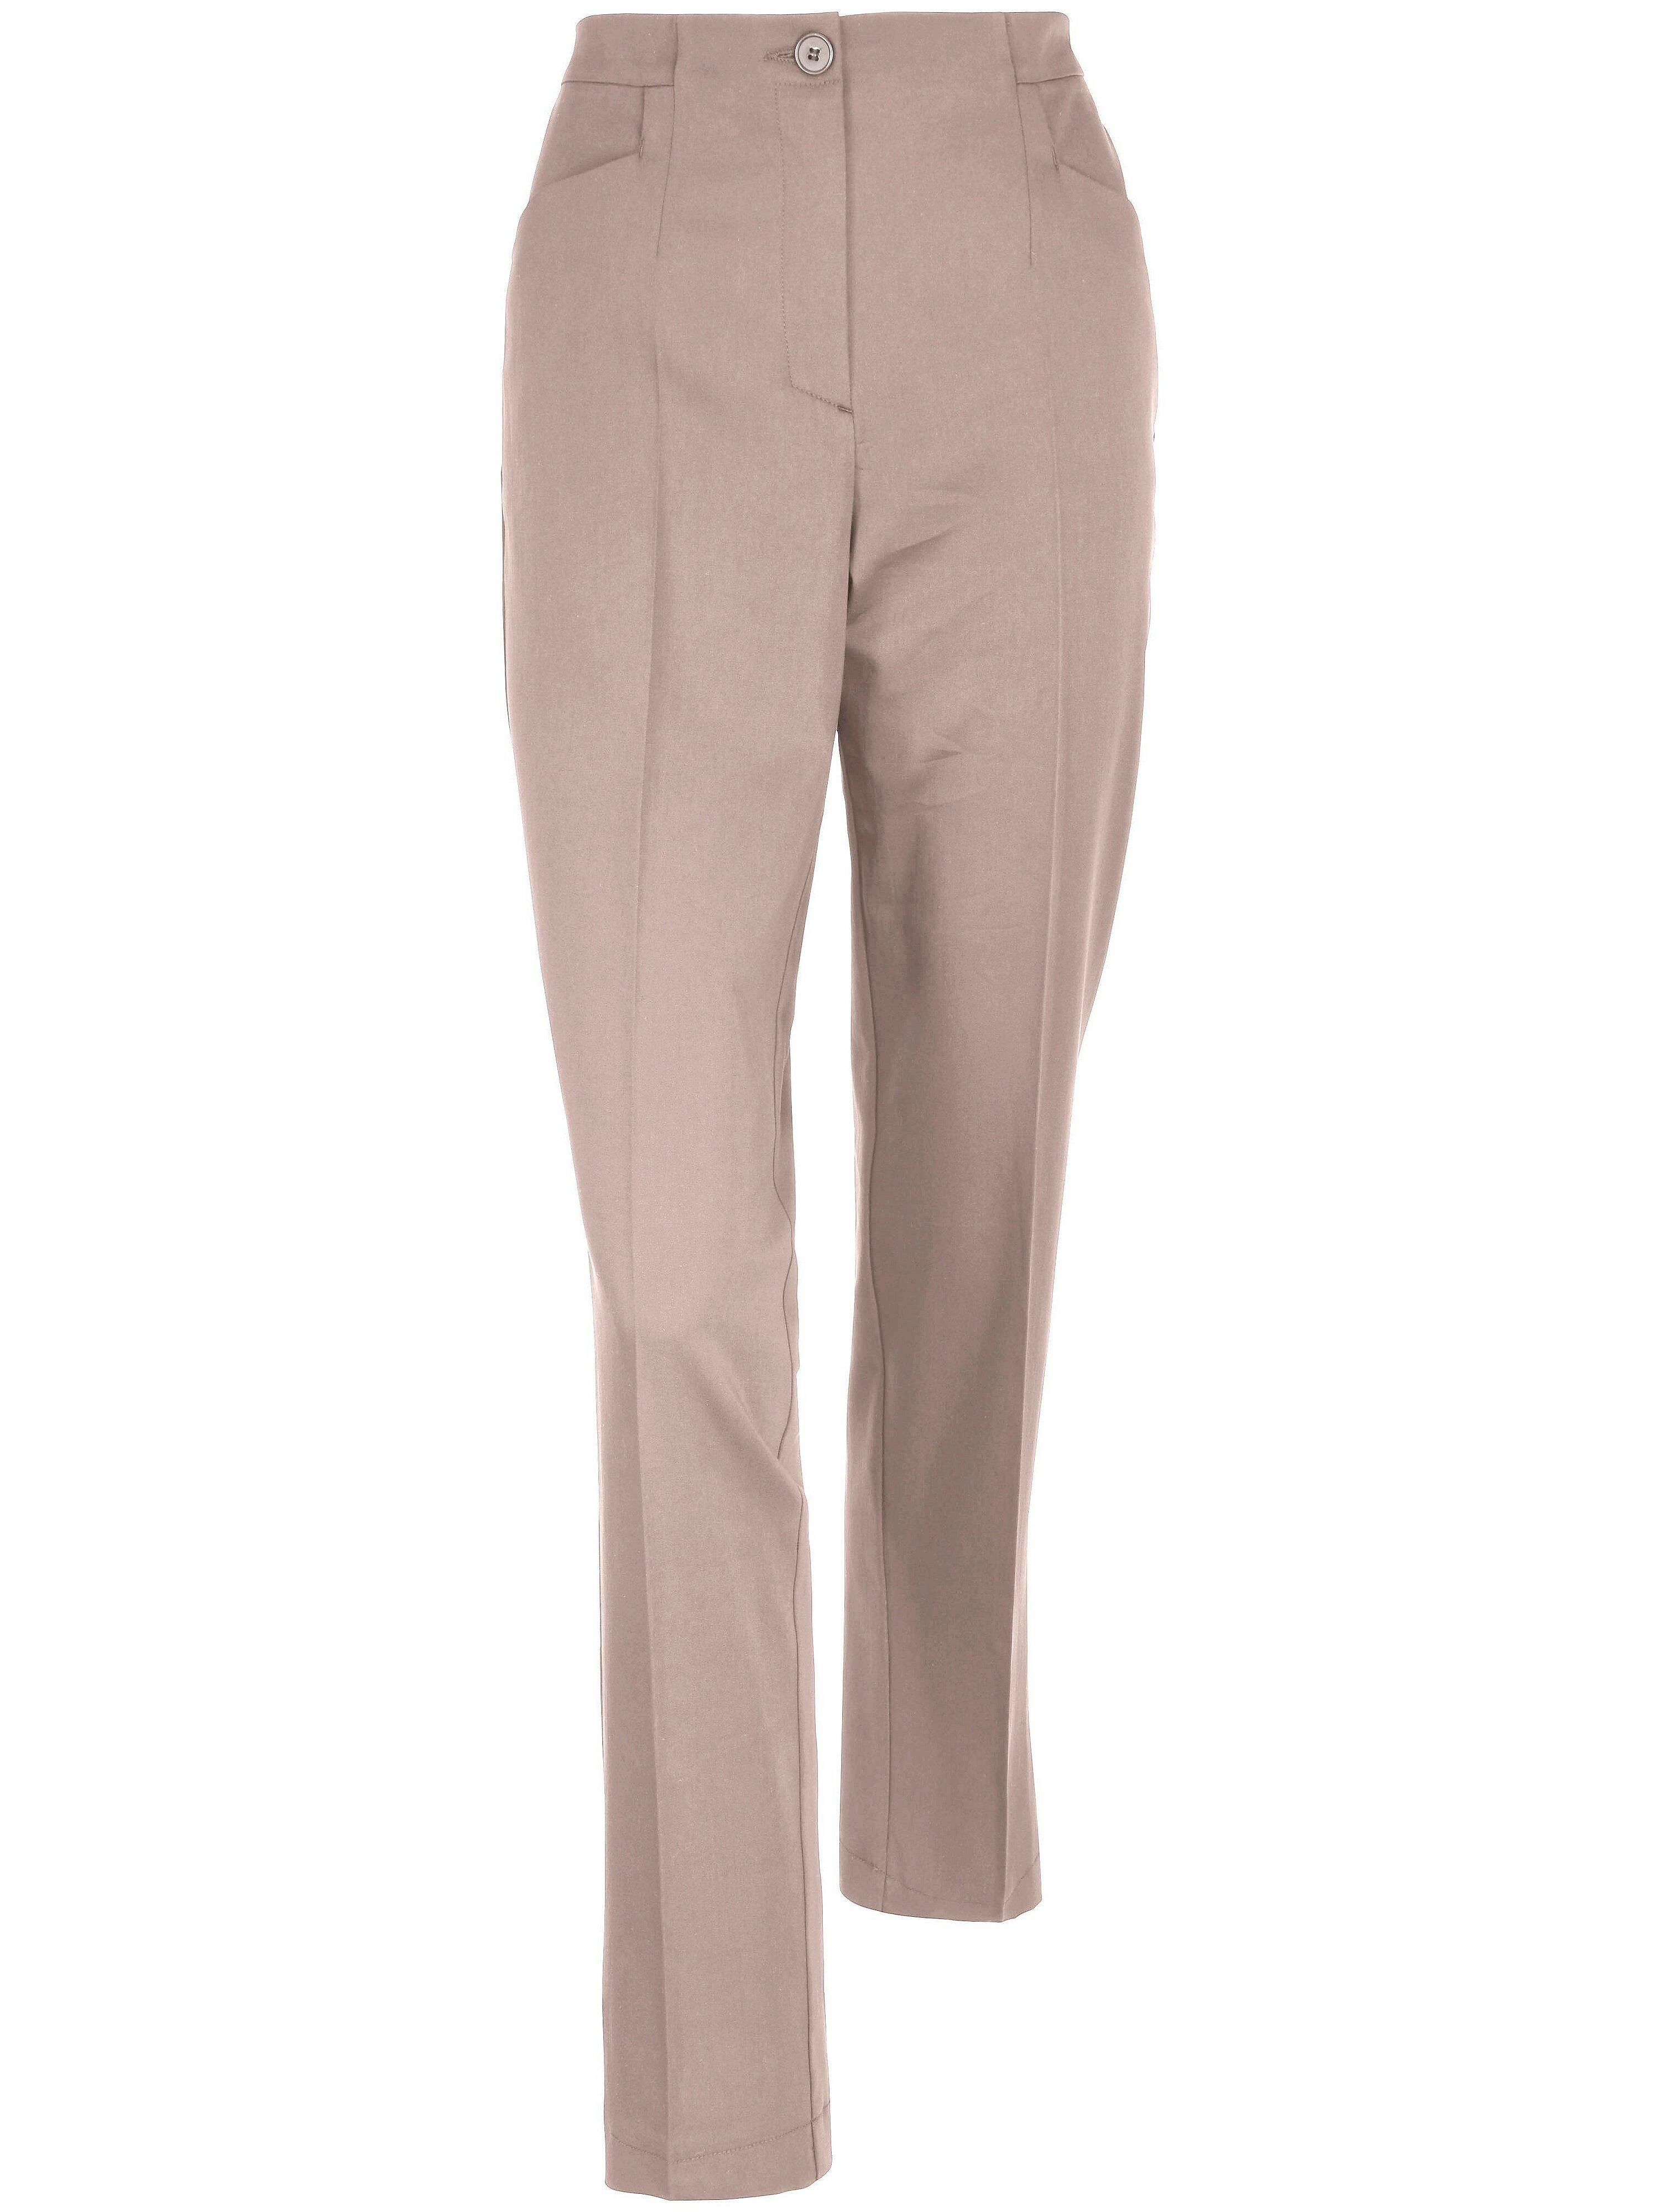 Peter Hahn Le pantalon facile d'entretien Peter Hahn beige 21